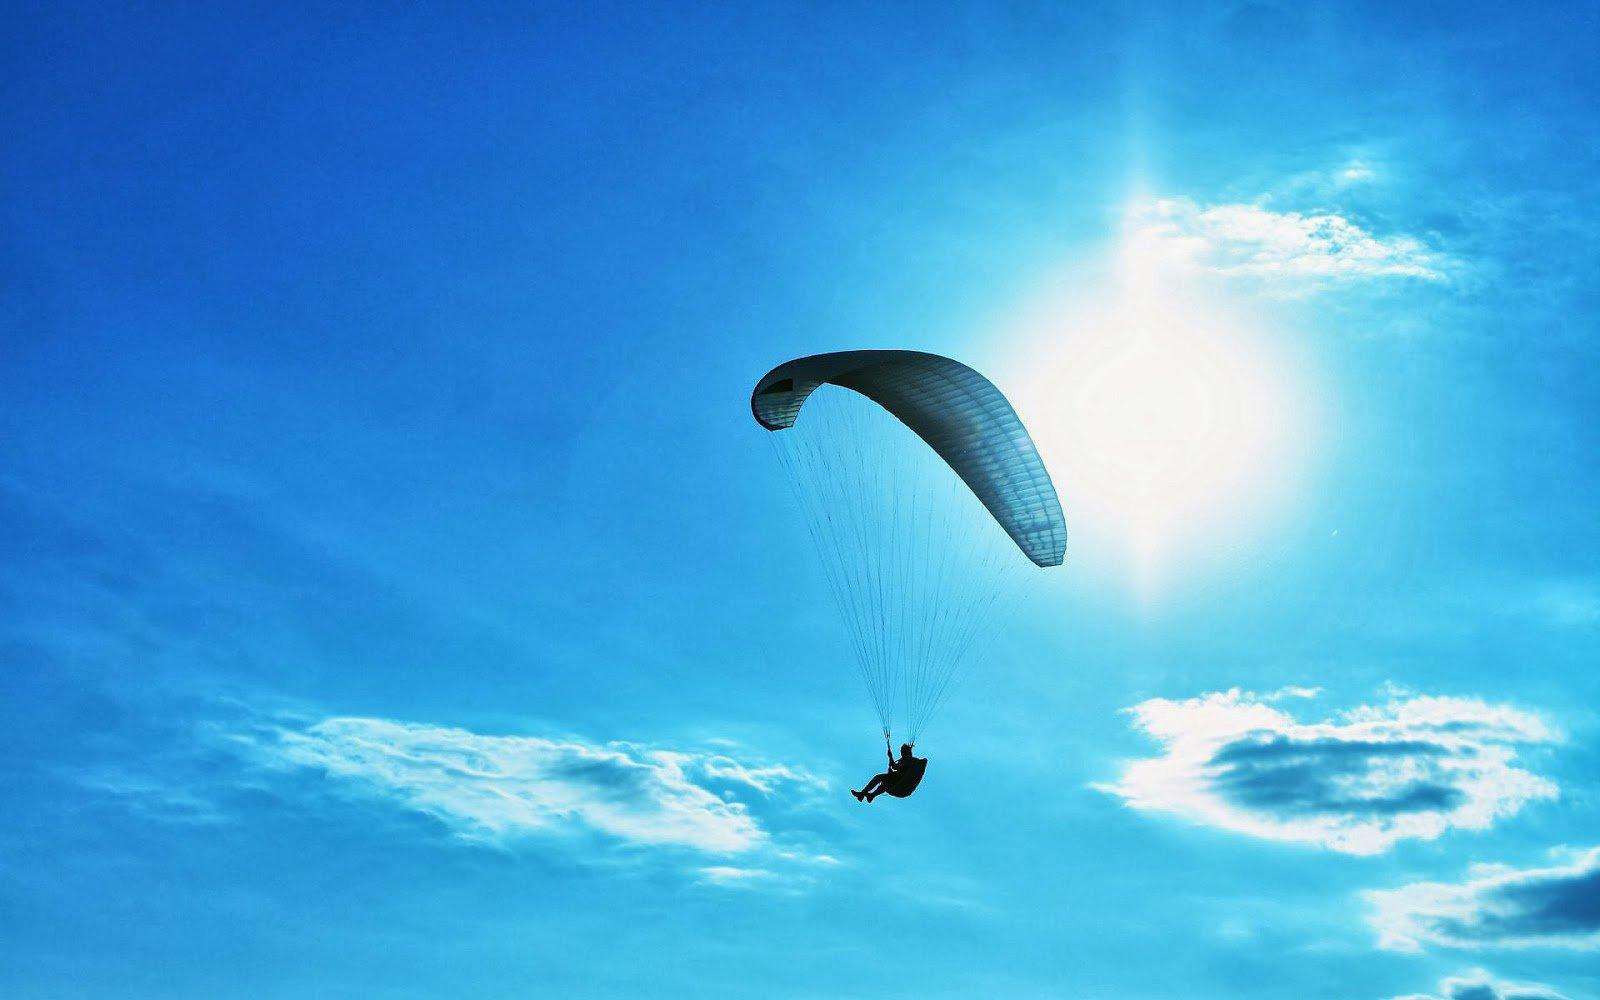 paragliding_adventure-sports-adventure place